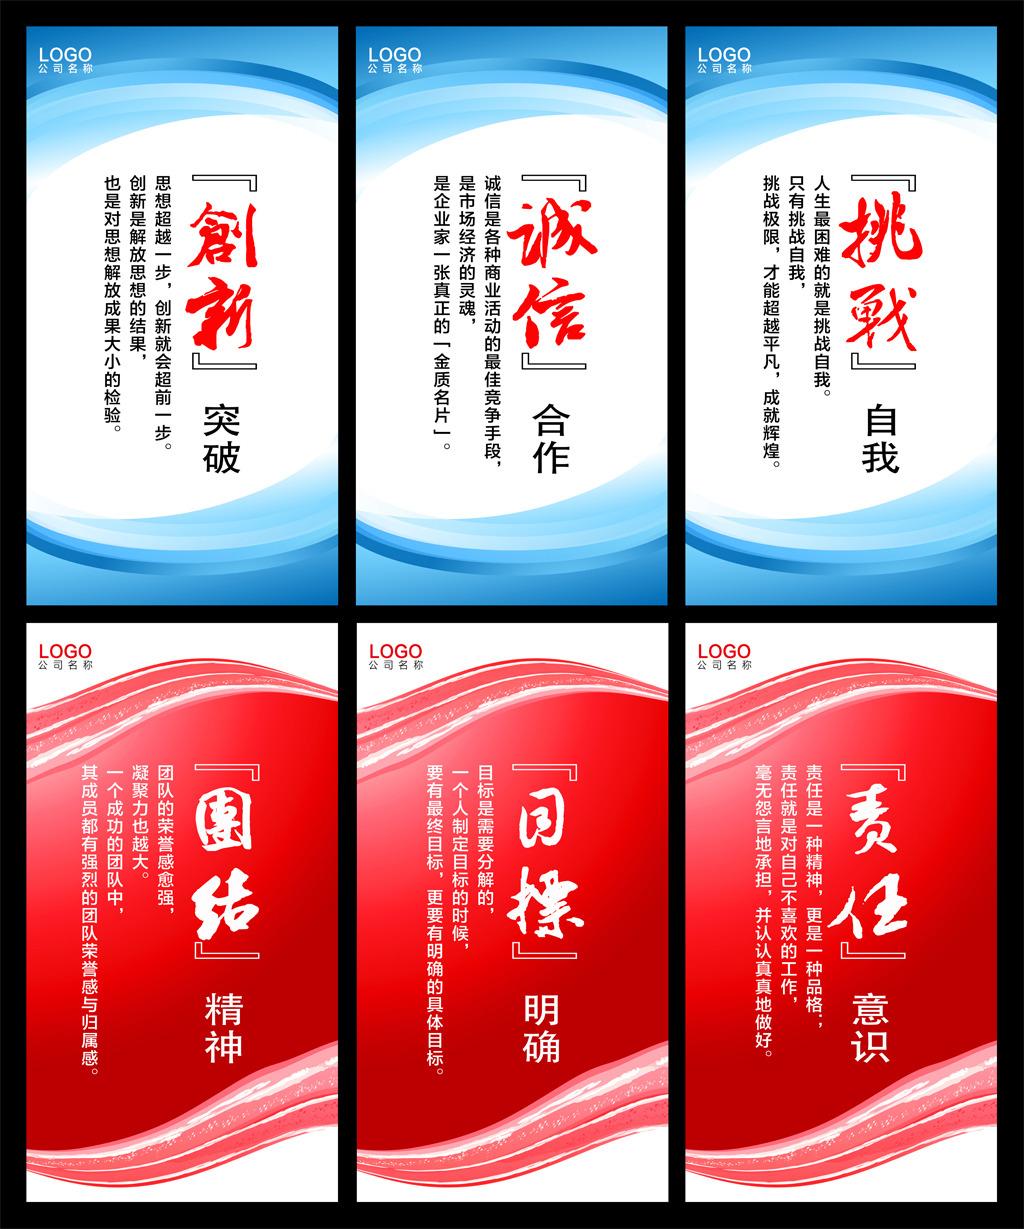 企业文化标语图片 苹果公司企业文化 农业企业文化标语图片 403520 1024x1229